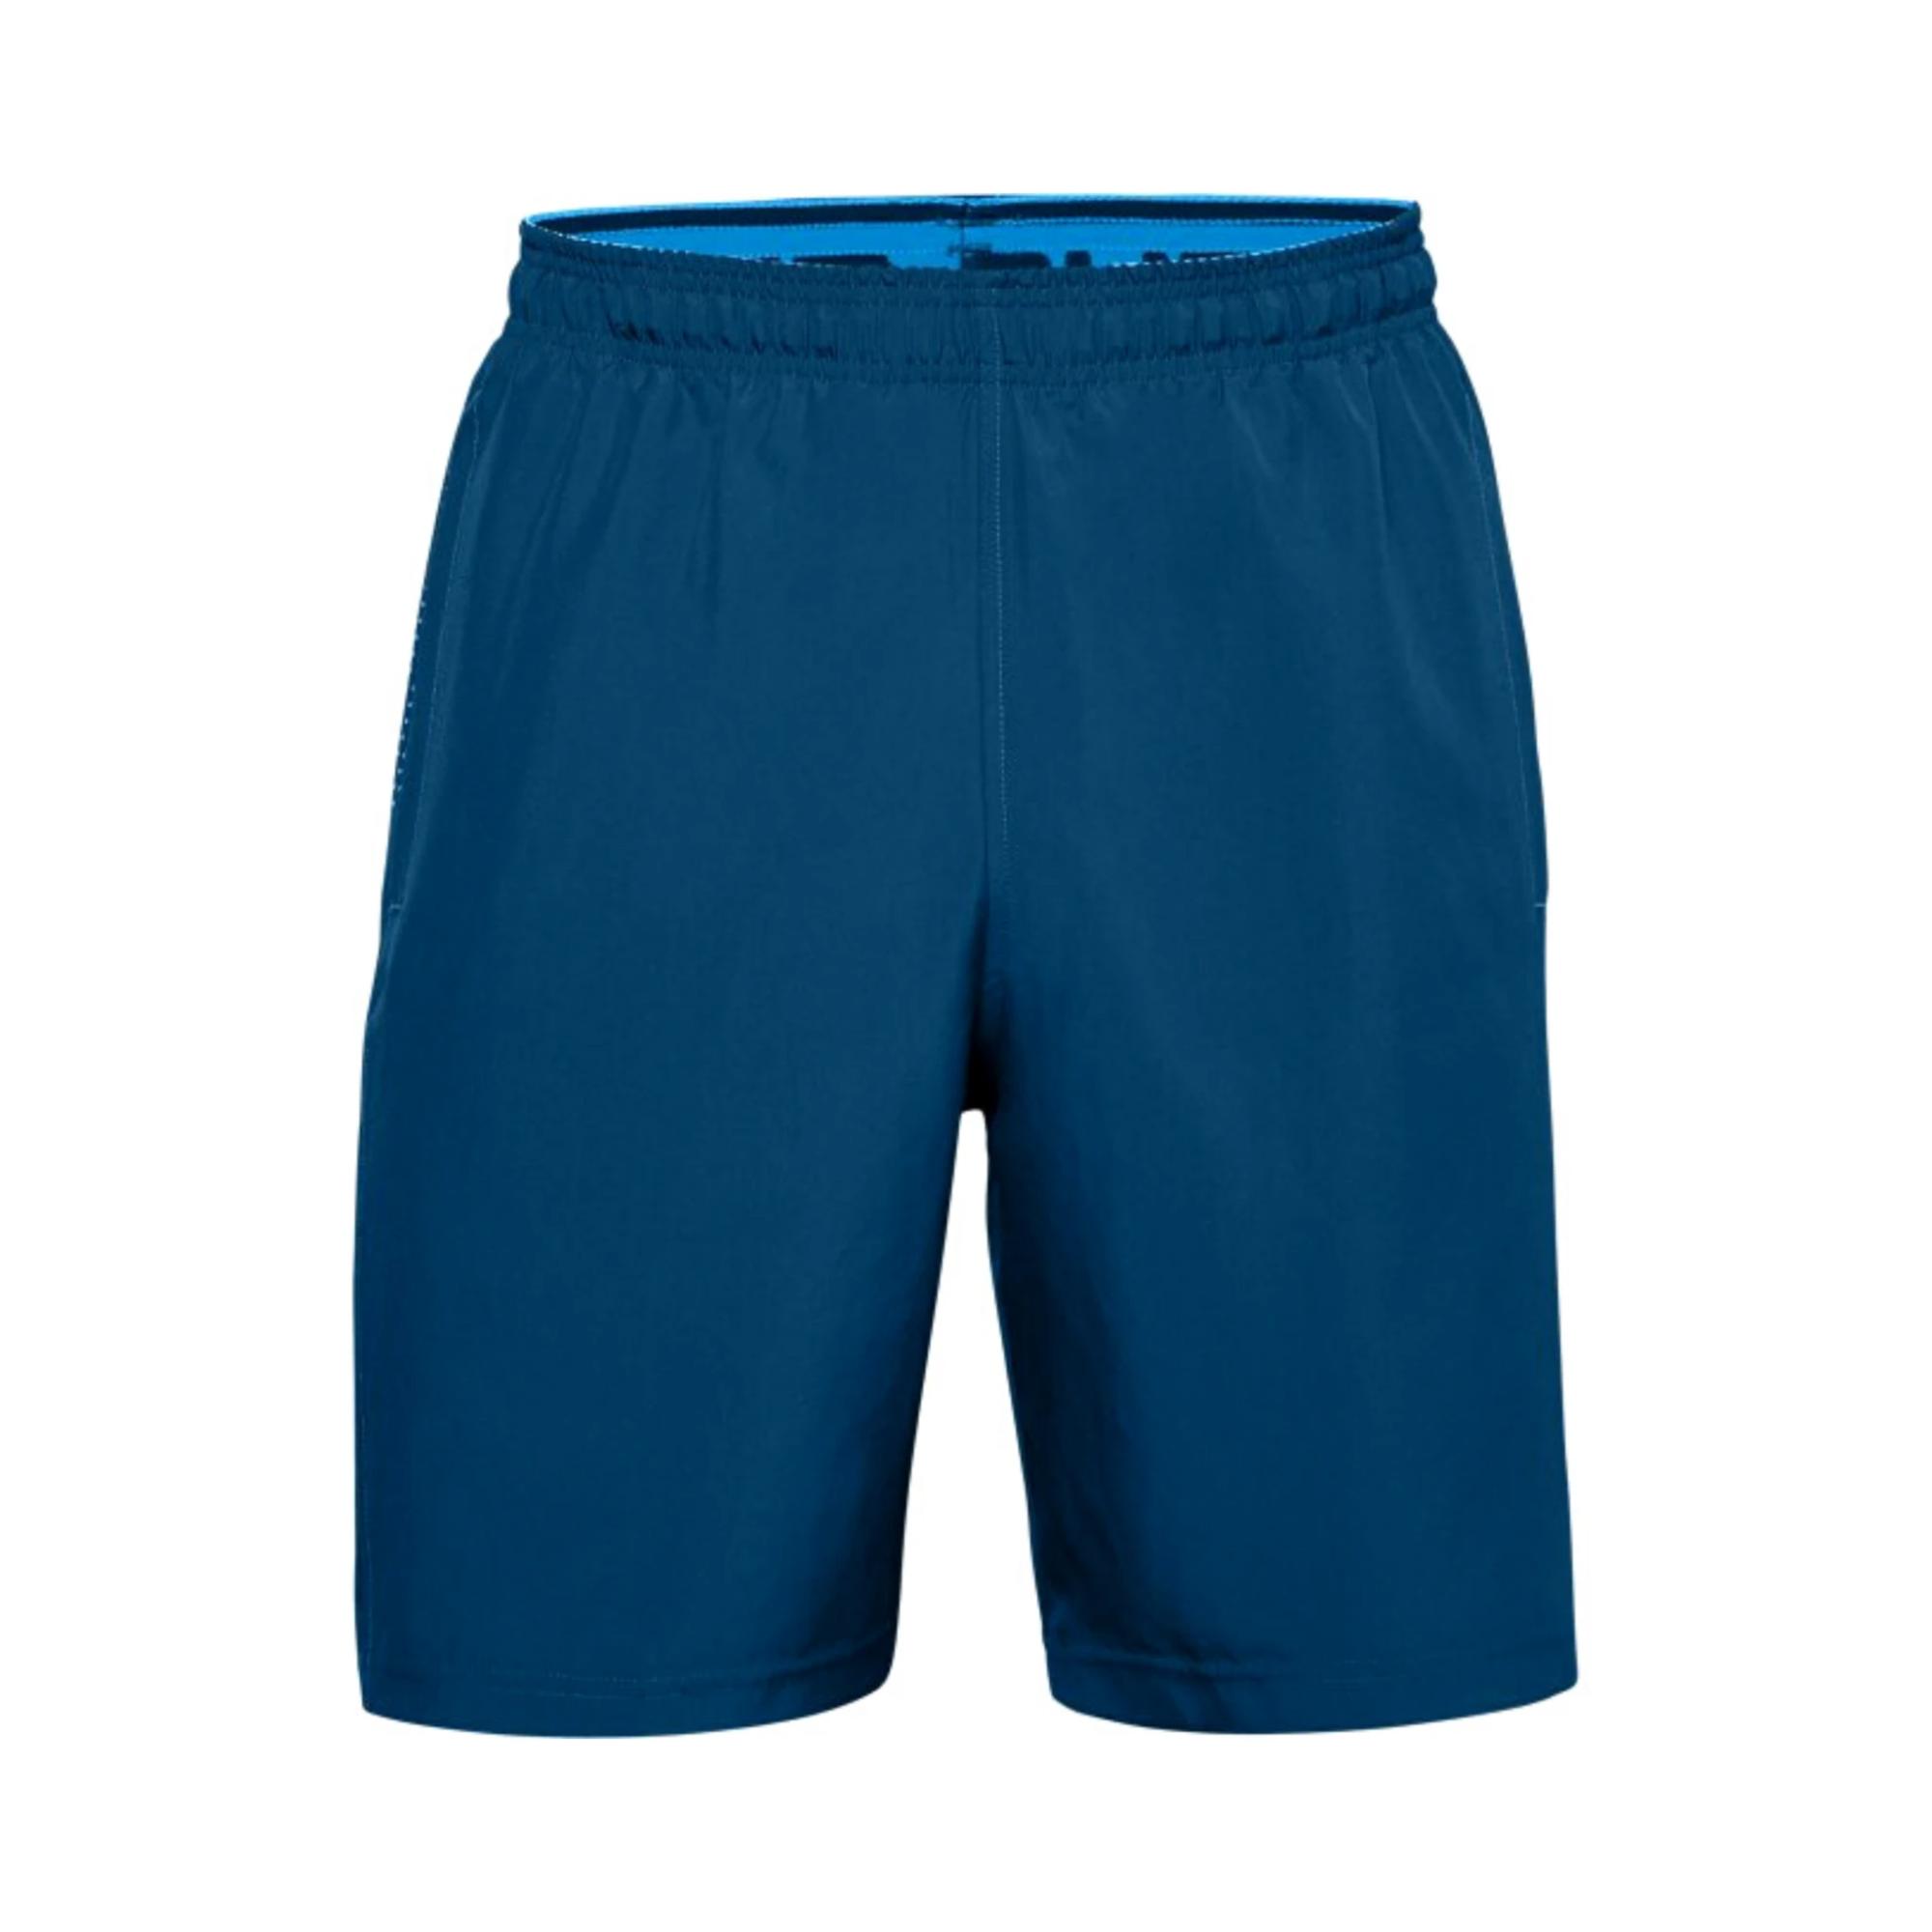 pantaloncino-under-armour-woven-20cm